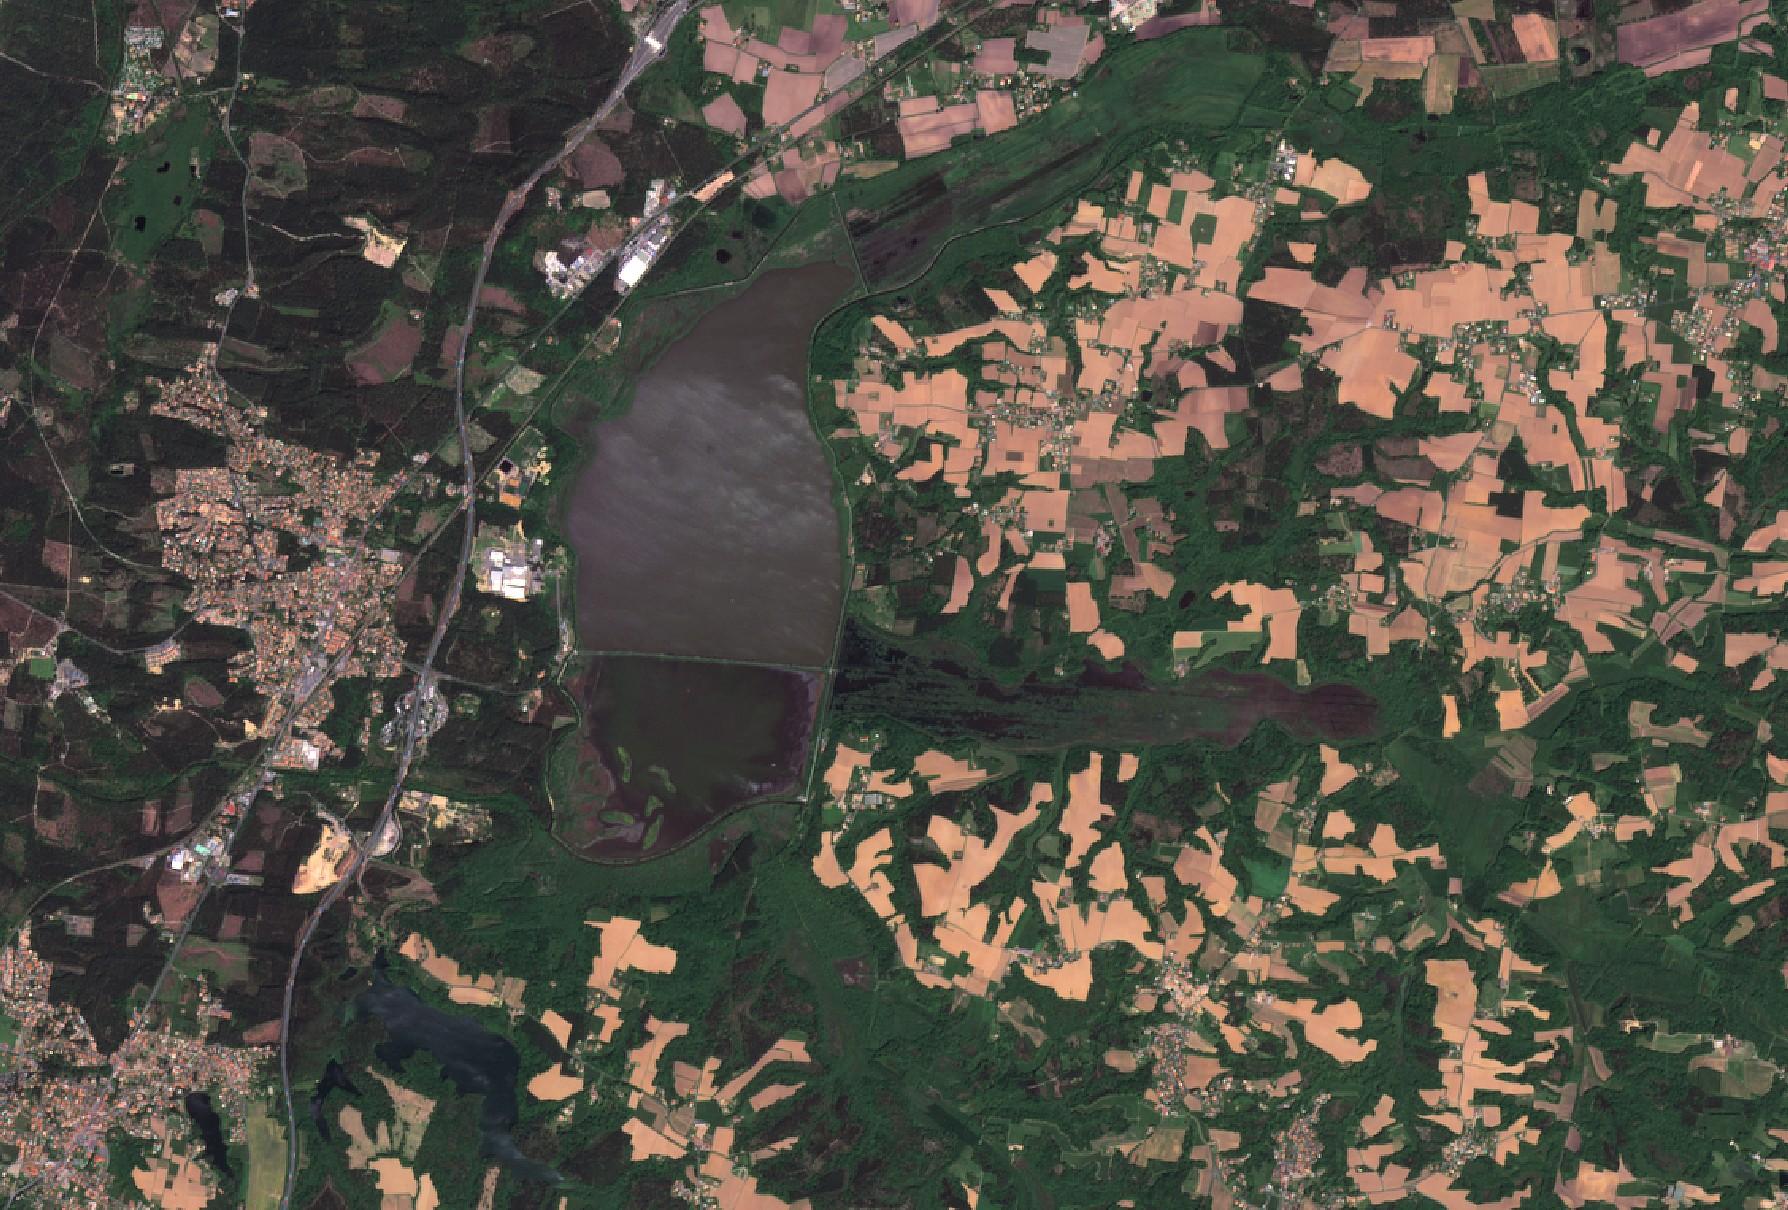 Satellite d'observation - Environnement - Quiz - Image - Remote Sending - Earth observation - Un autre regard sur la Terre - Jeu - Quizz